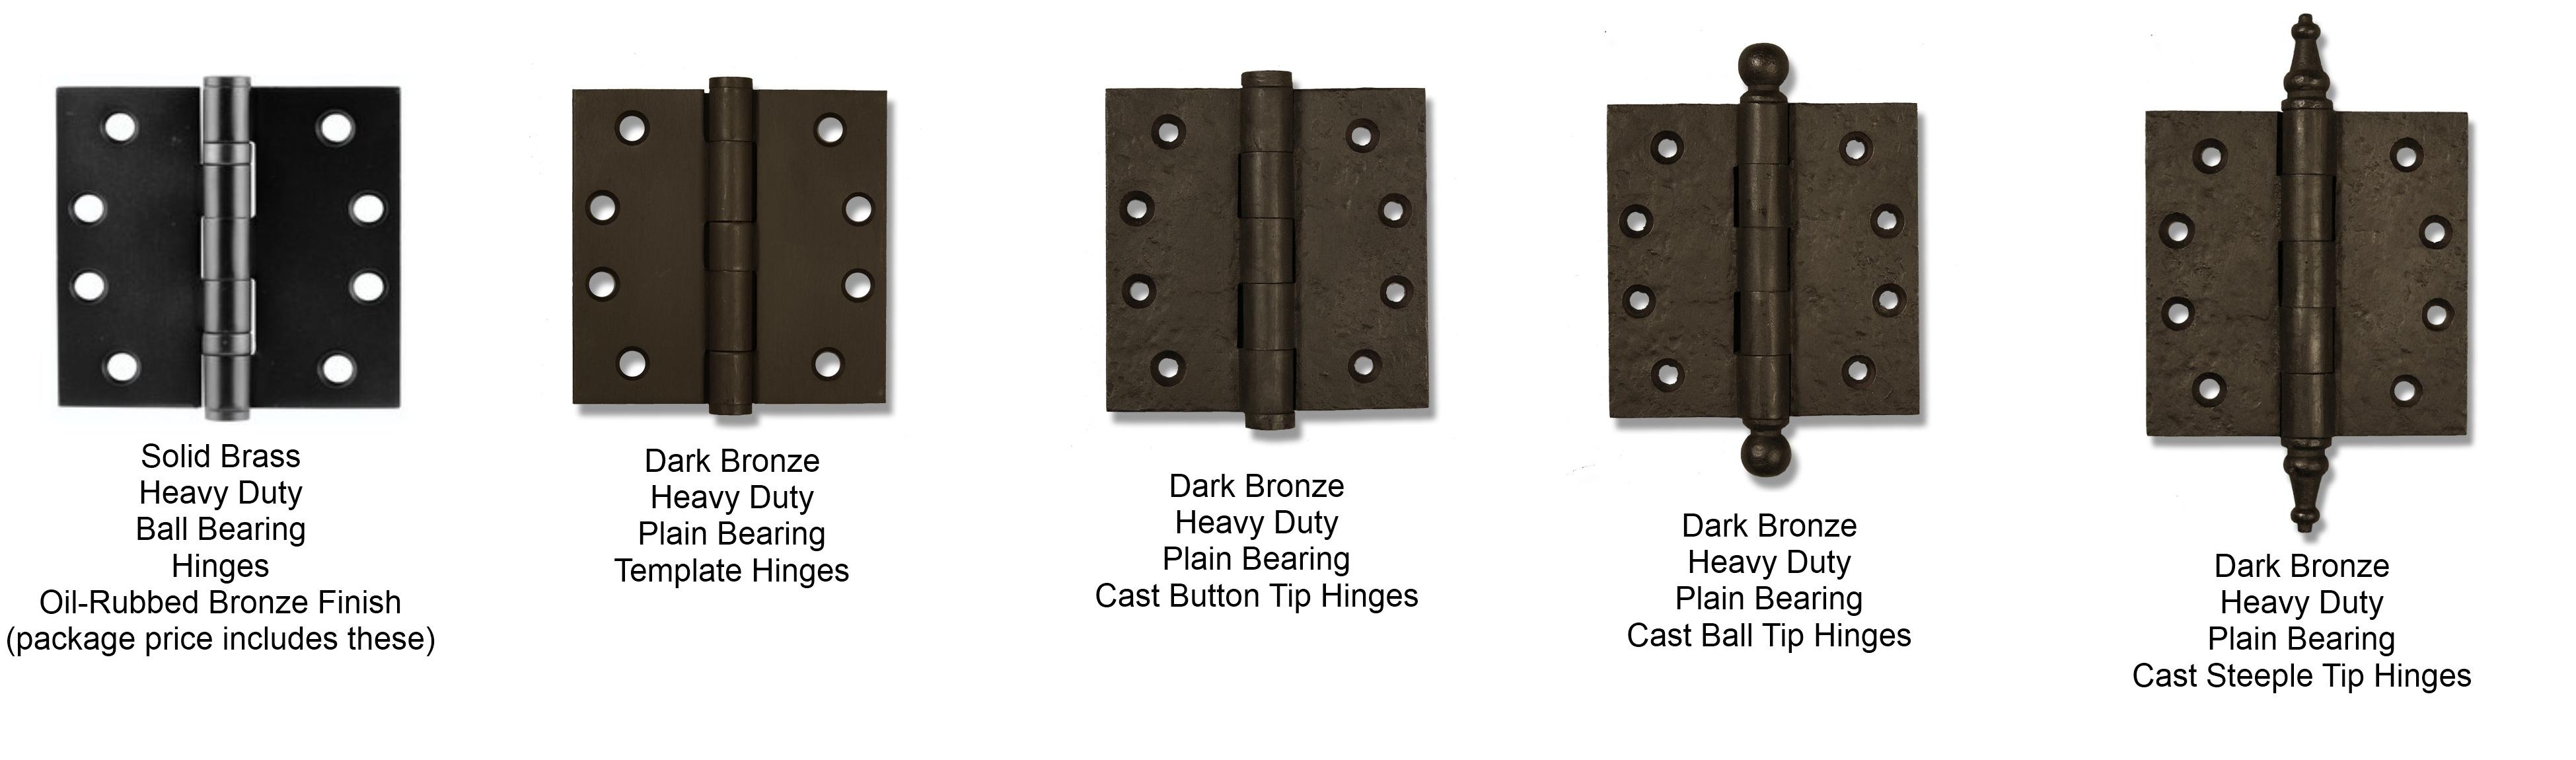 Merveilleux Coastal Bronze Hinge Options Gate Door Hardware